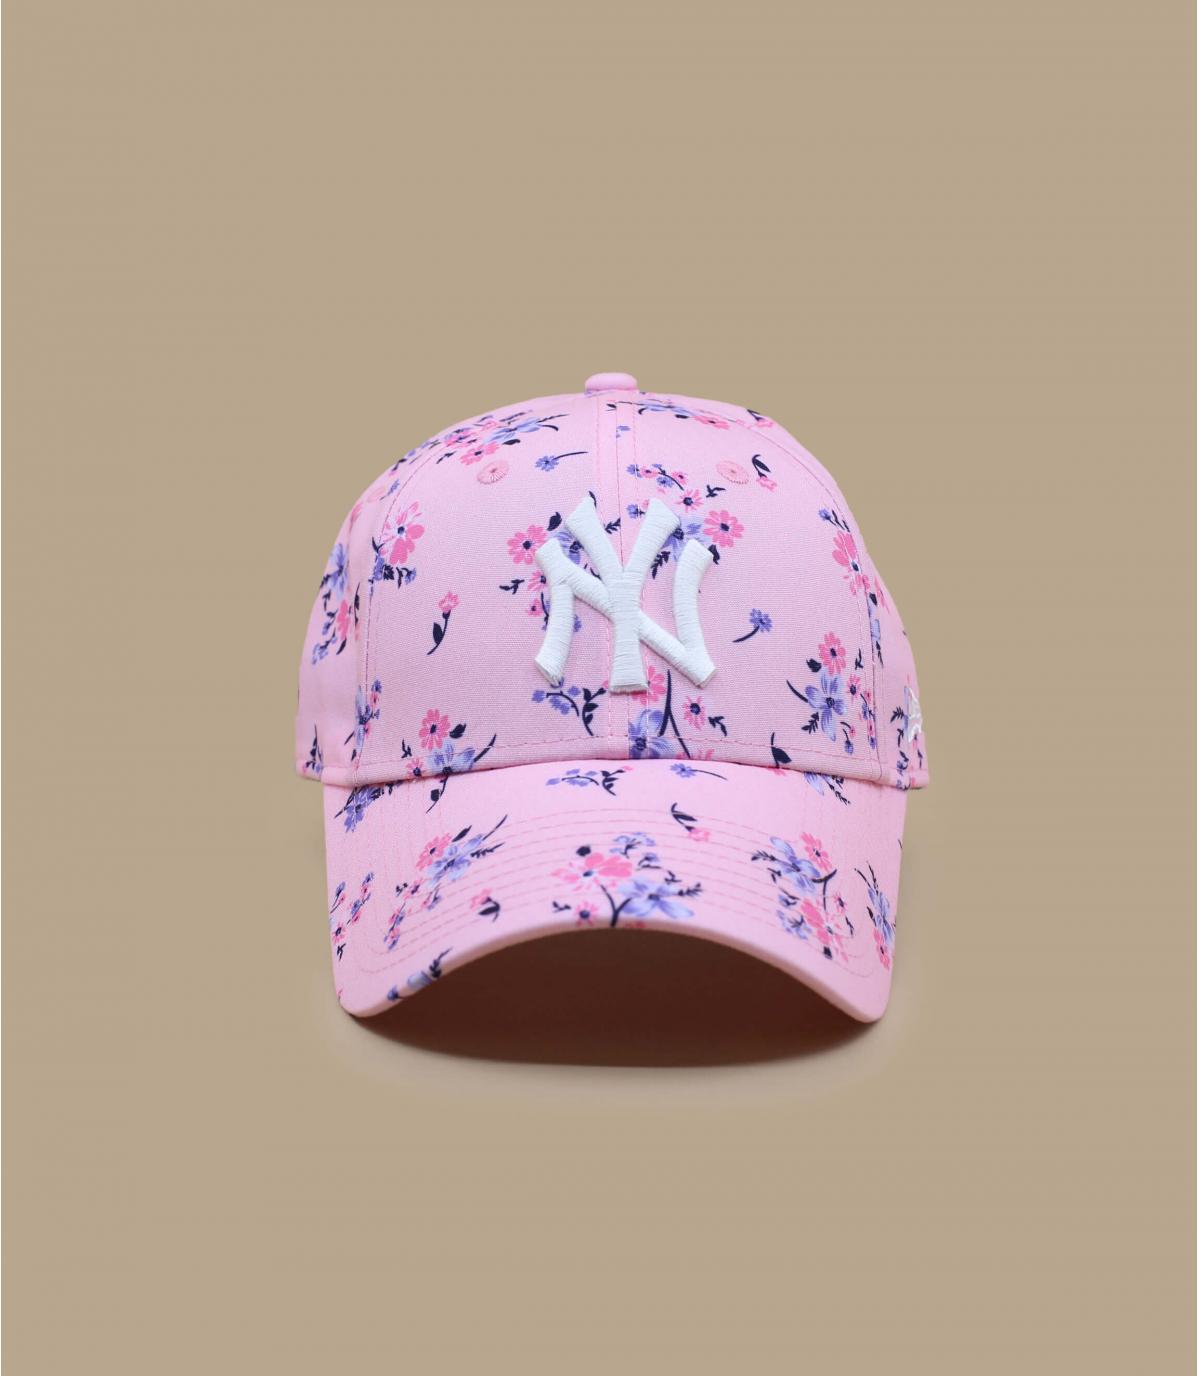 Détails Casquette Wmn Floral NY 940 pink - image 2